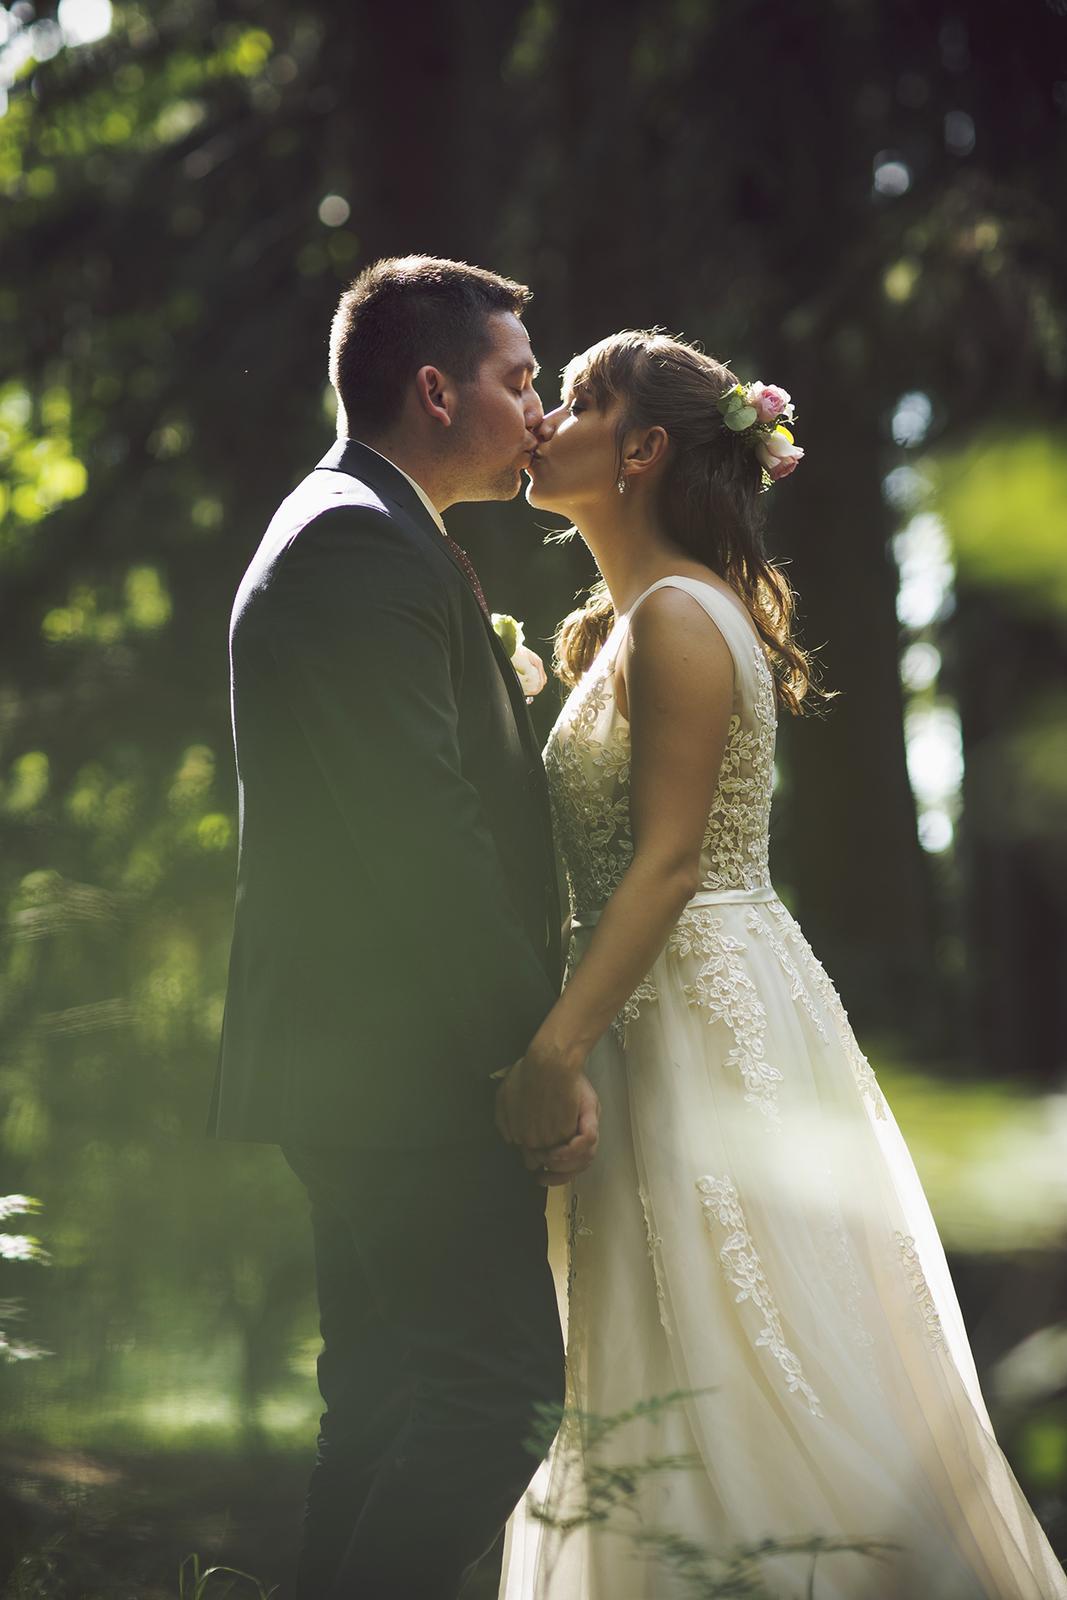 Svatba Krkonose - Obrázek č. 65